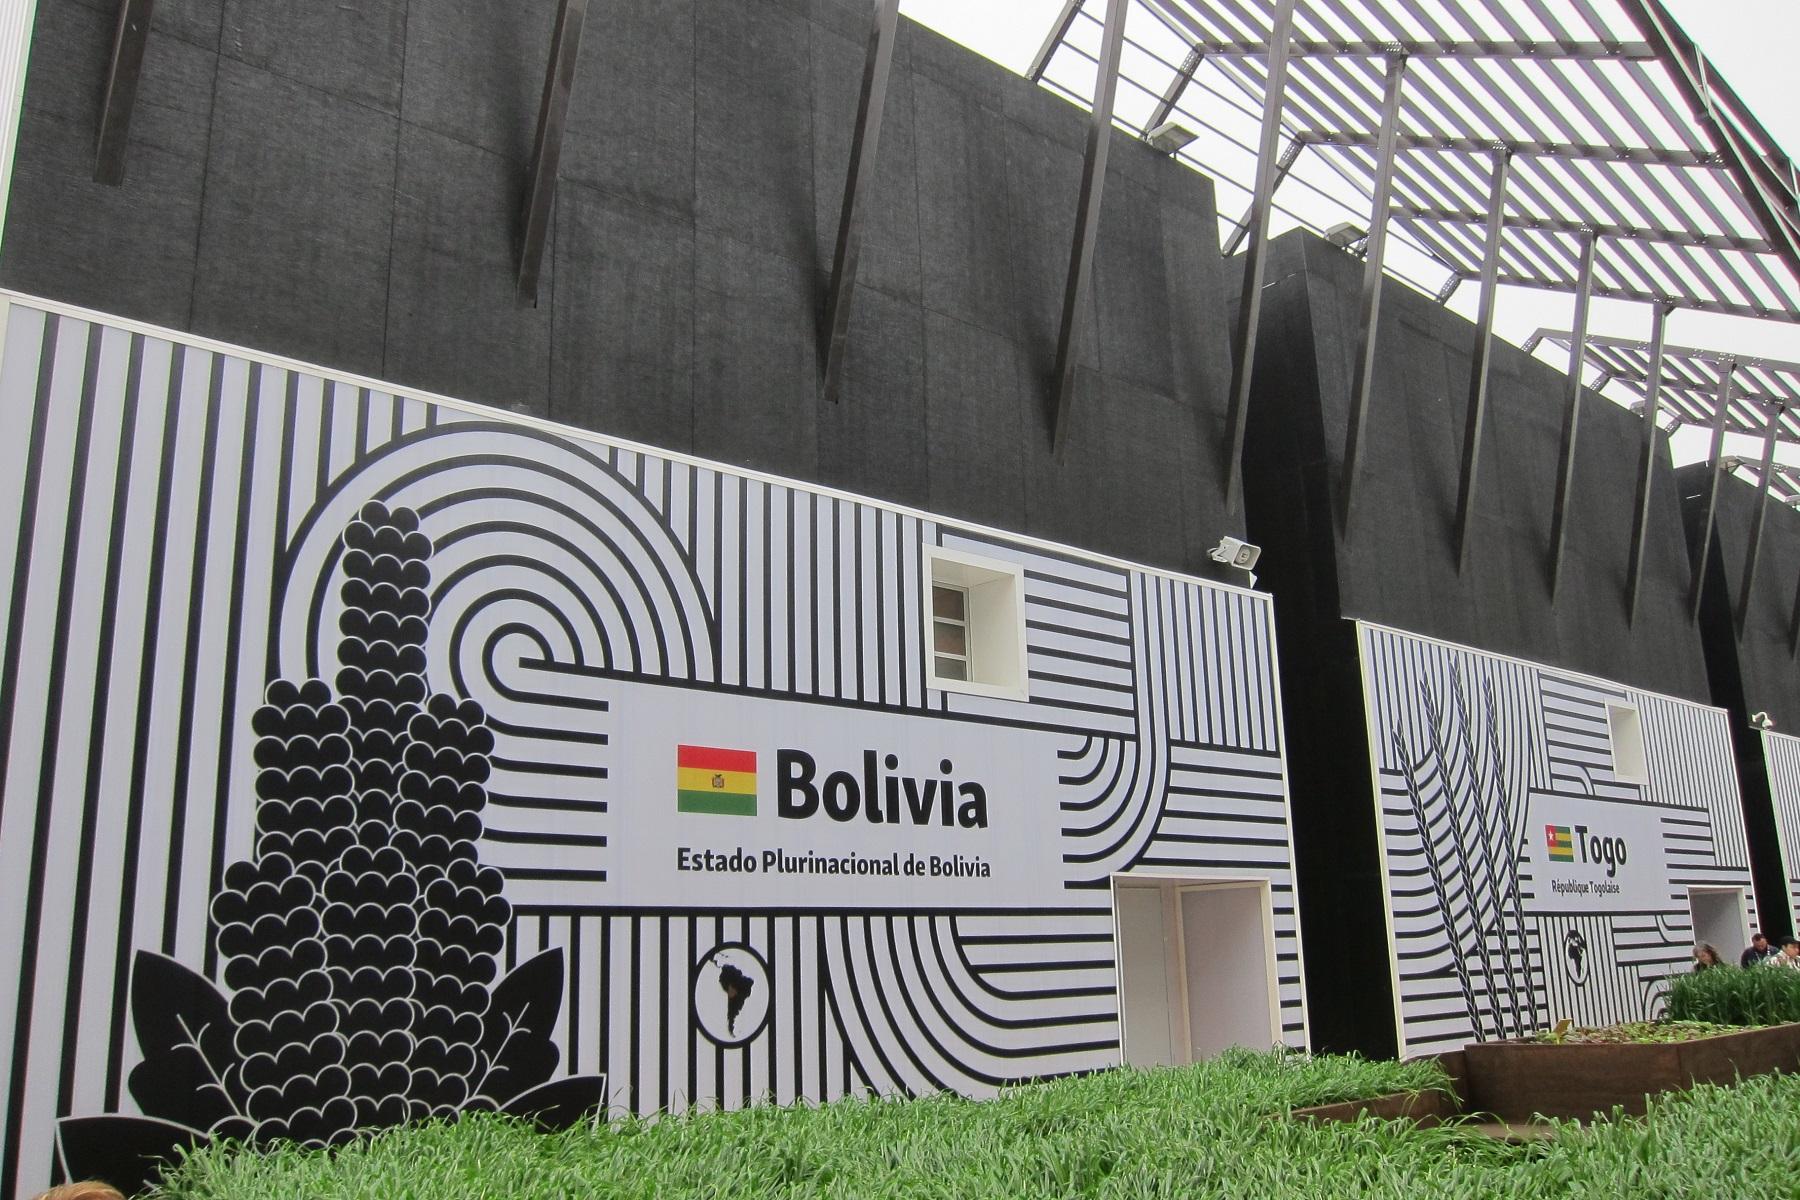 Bolívie sdílí pavilon s několika dalšími zeměmi